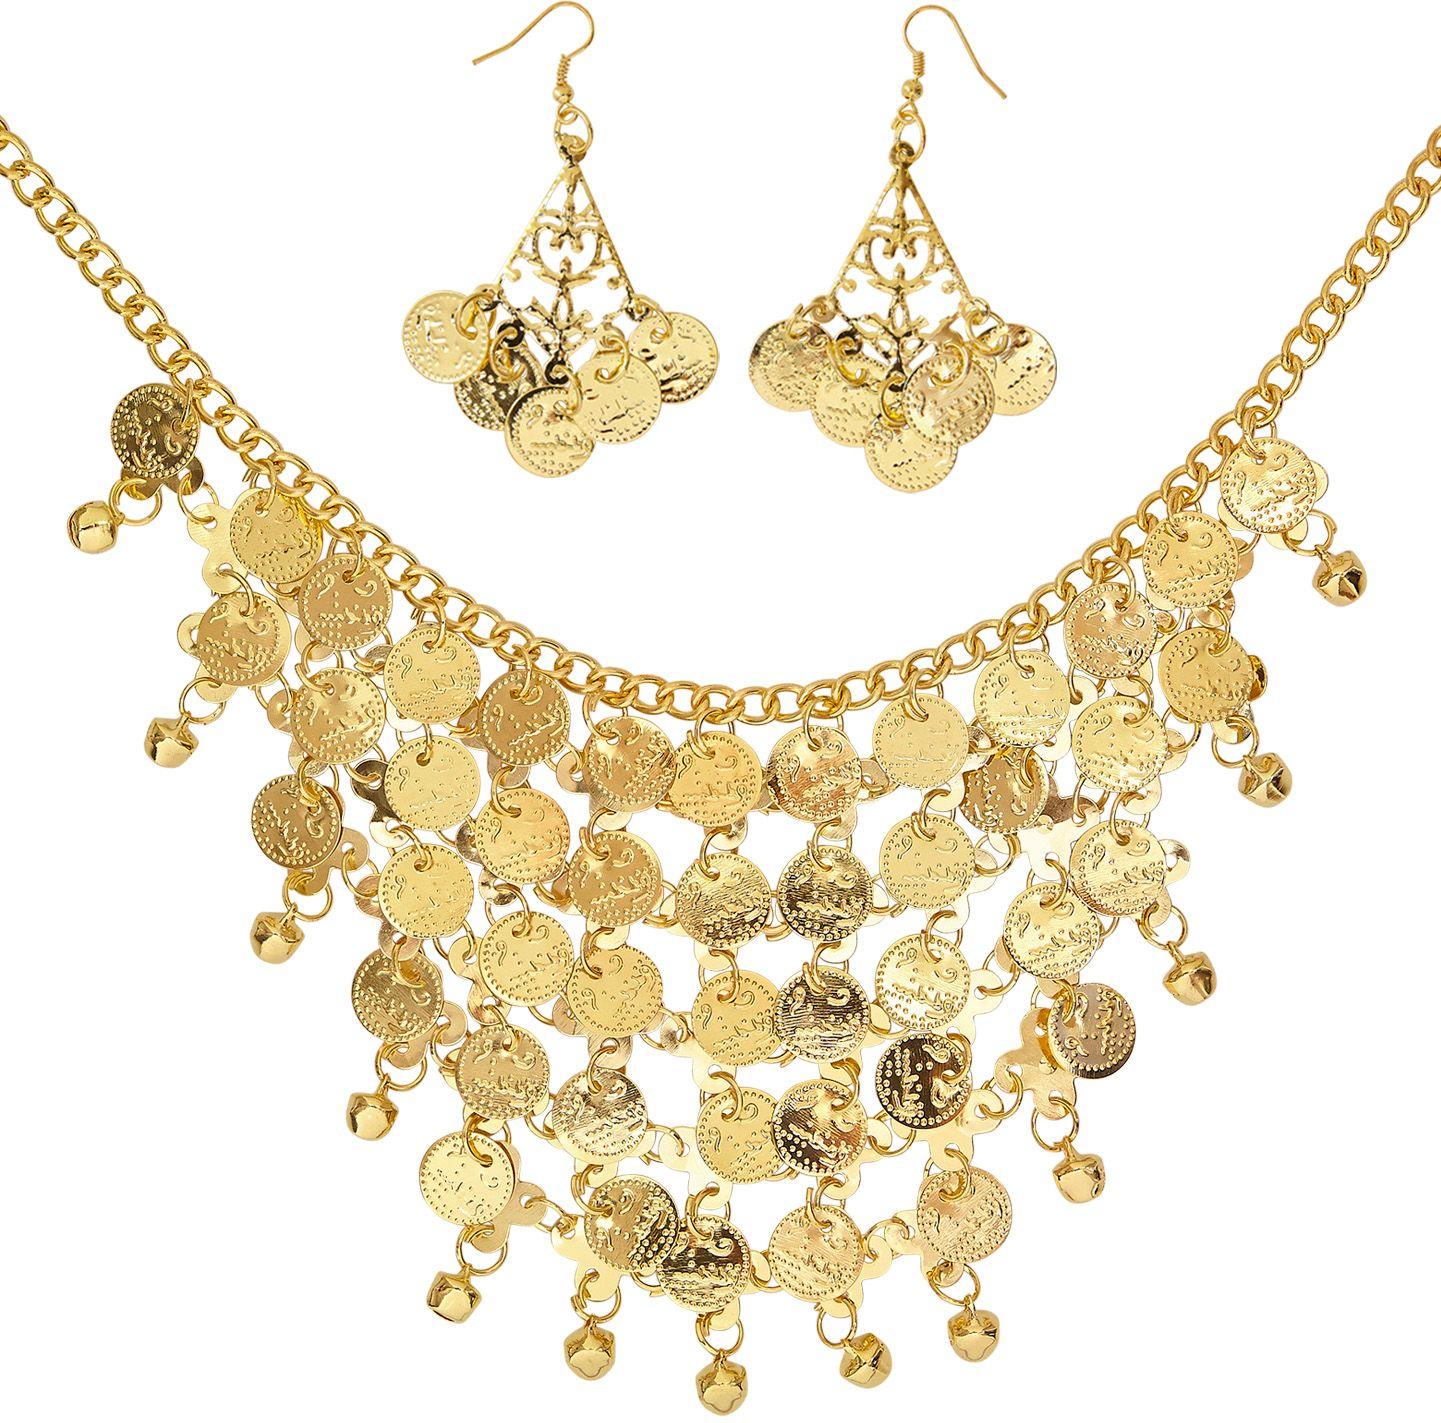 Gouden ketting met oorbellen en muntjes